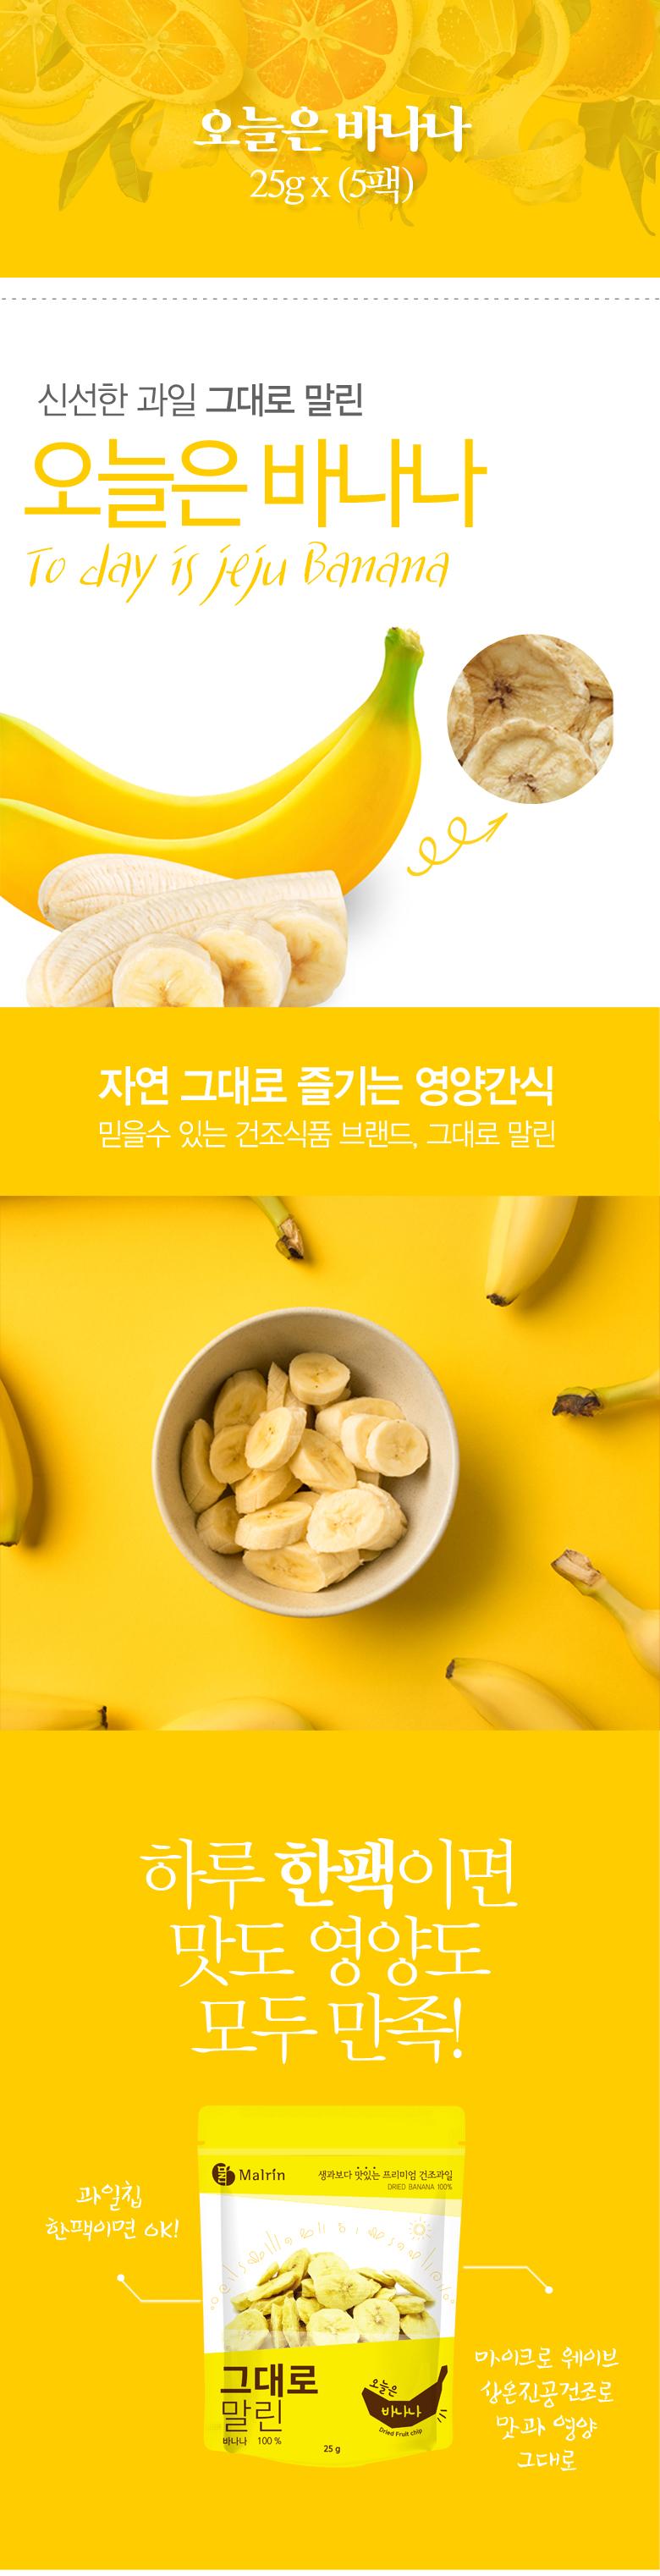 바나나01